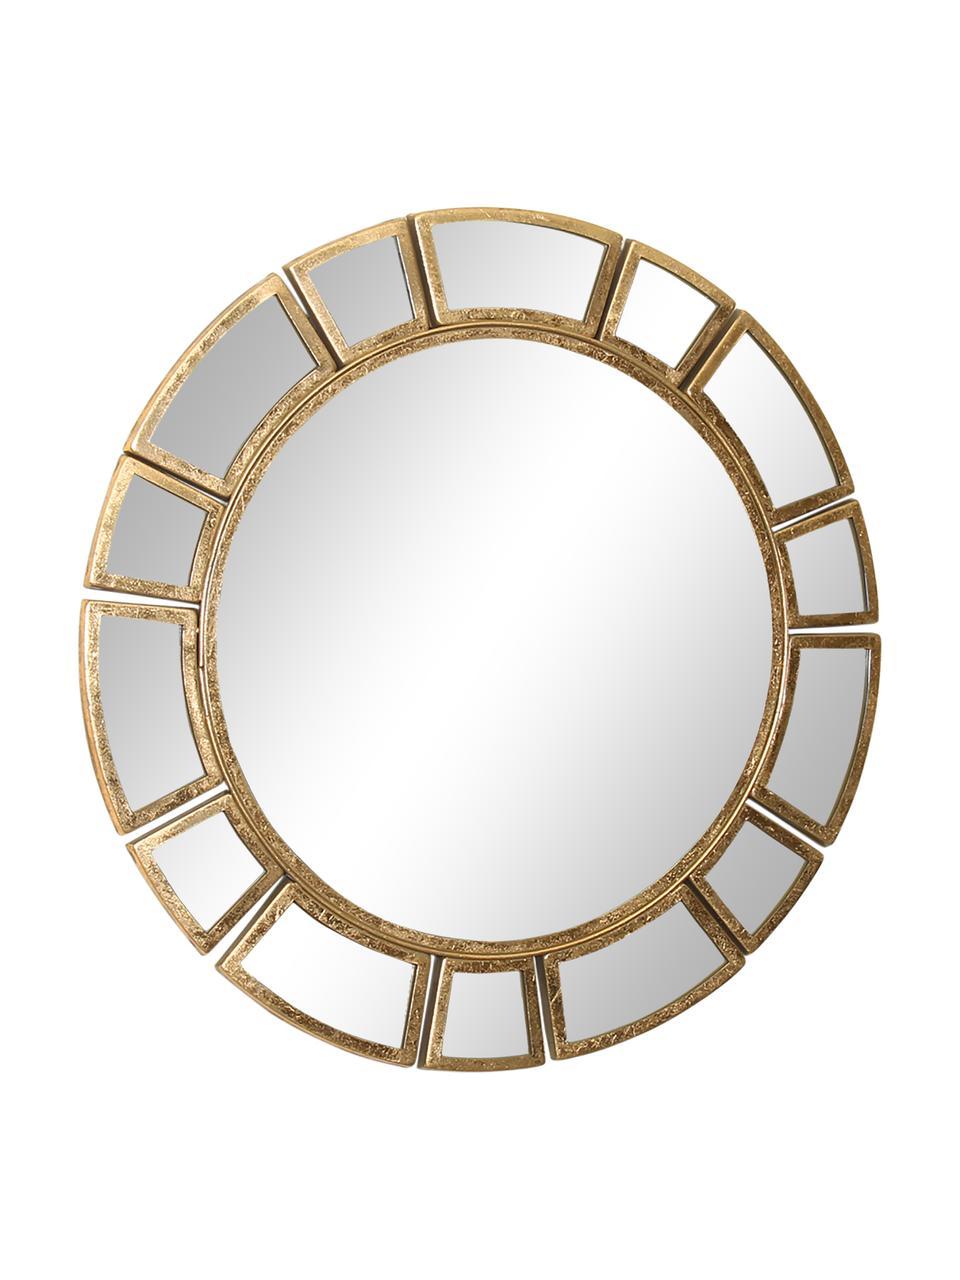 Specchio da parete rotondo con cornice dorata Amy, Cornice: metallo, Superficie dello specchio: lastra di vetro, Dorato, Ø 78 x Prof. 2 cm